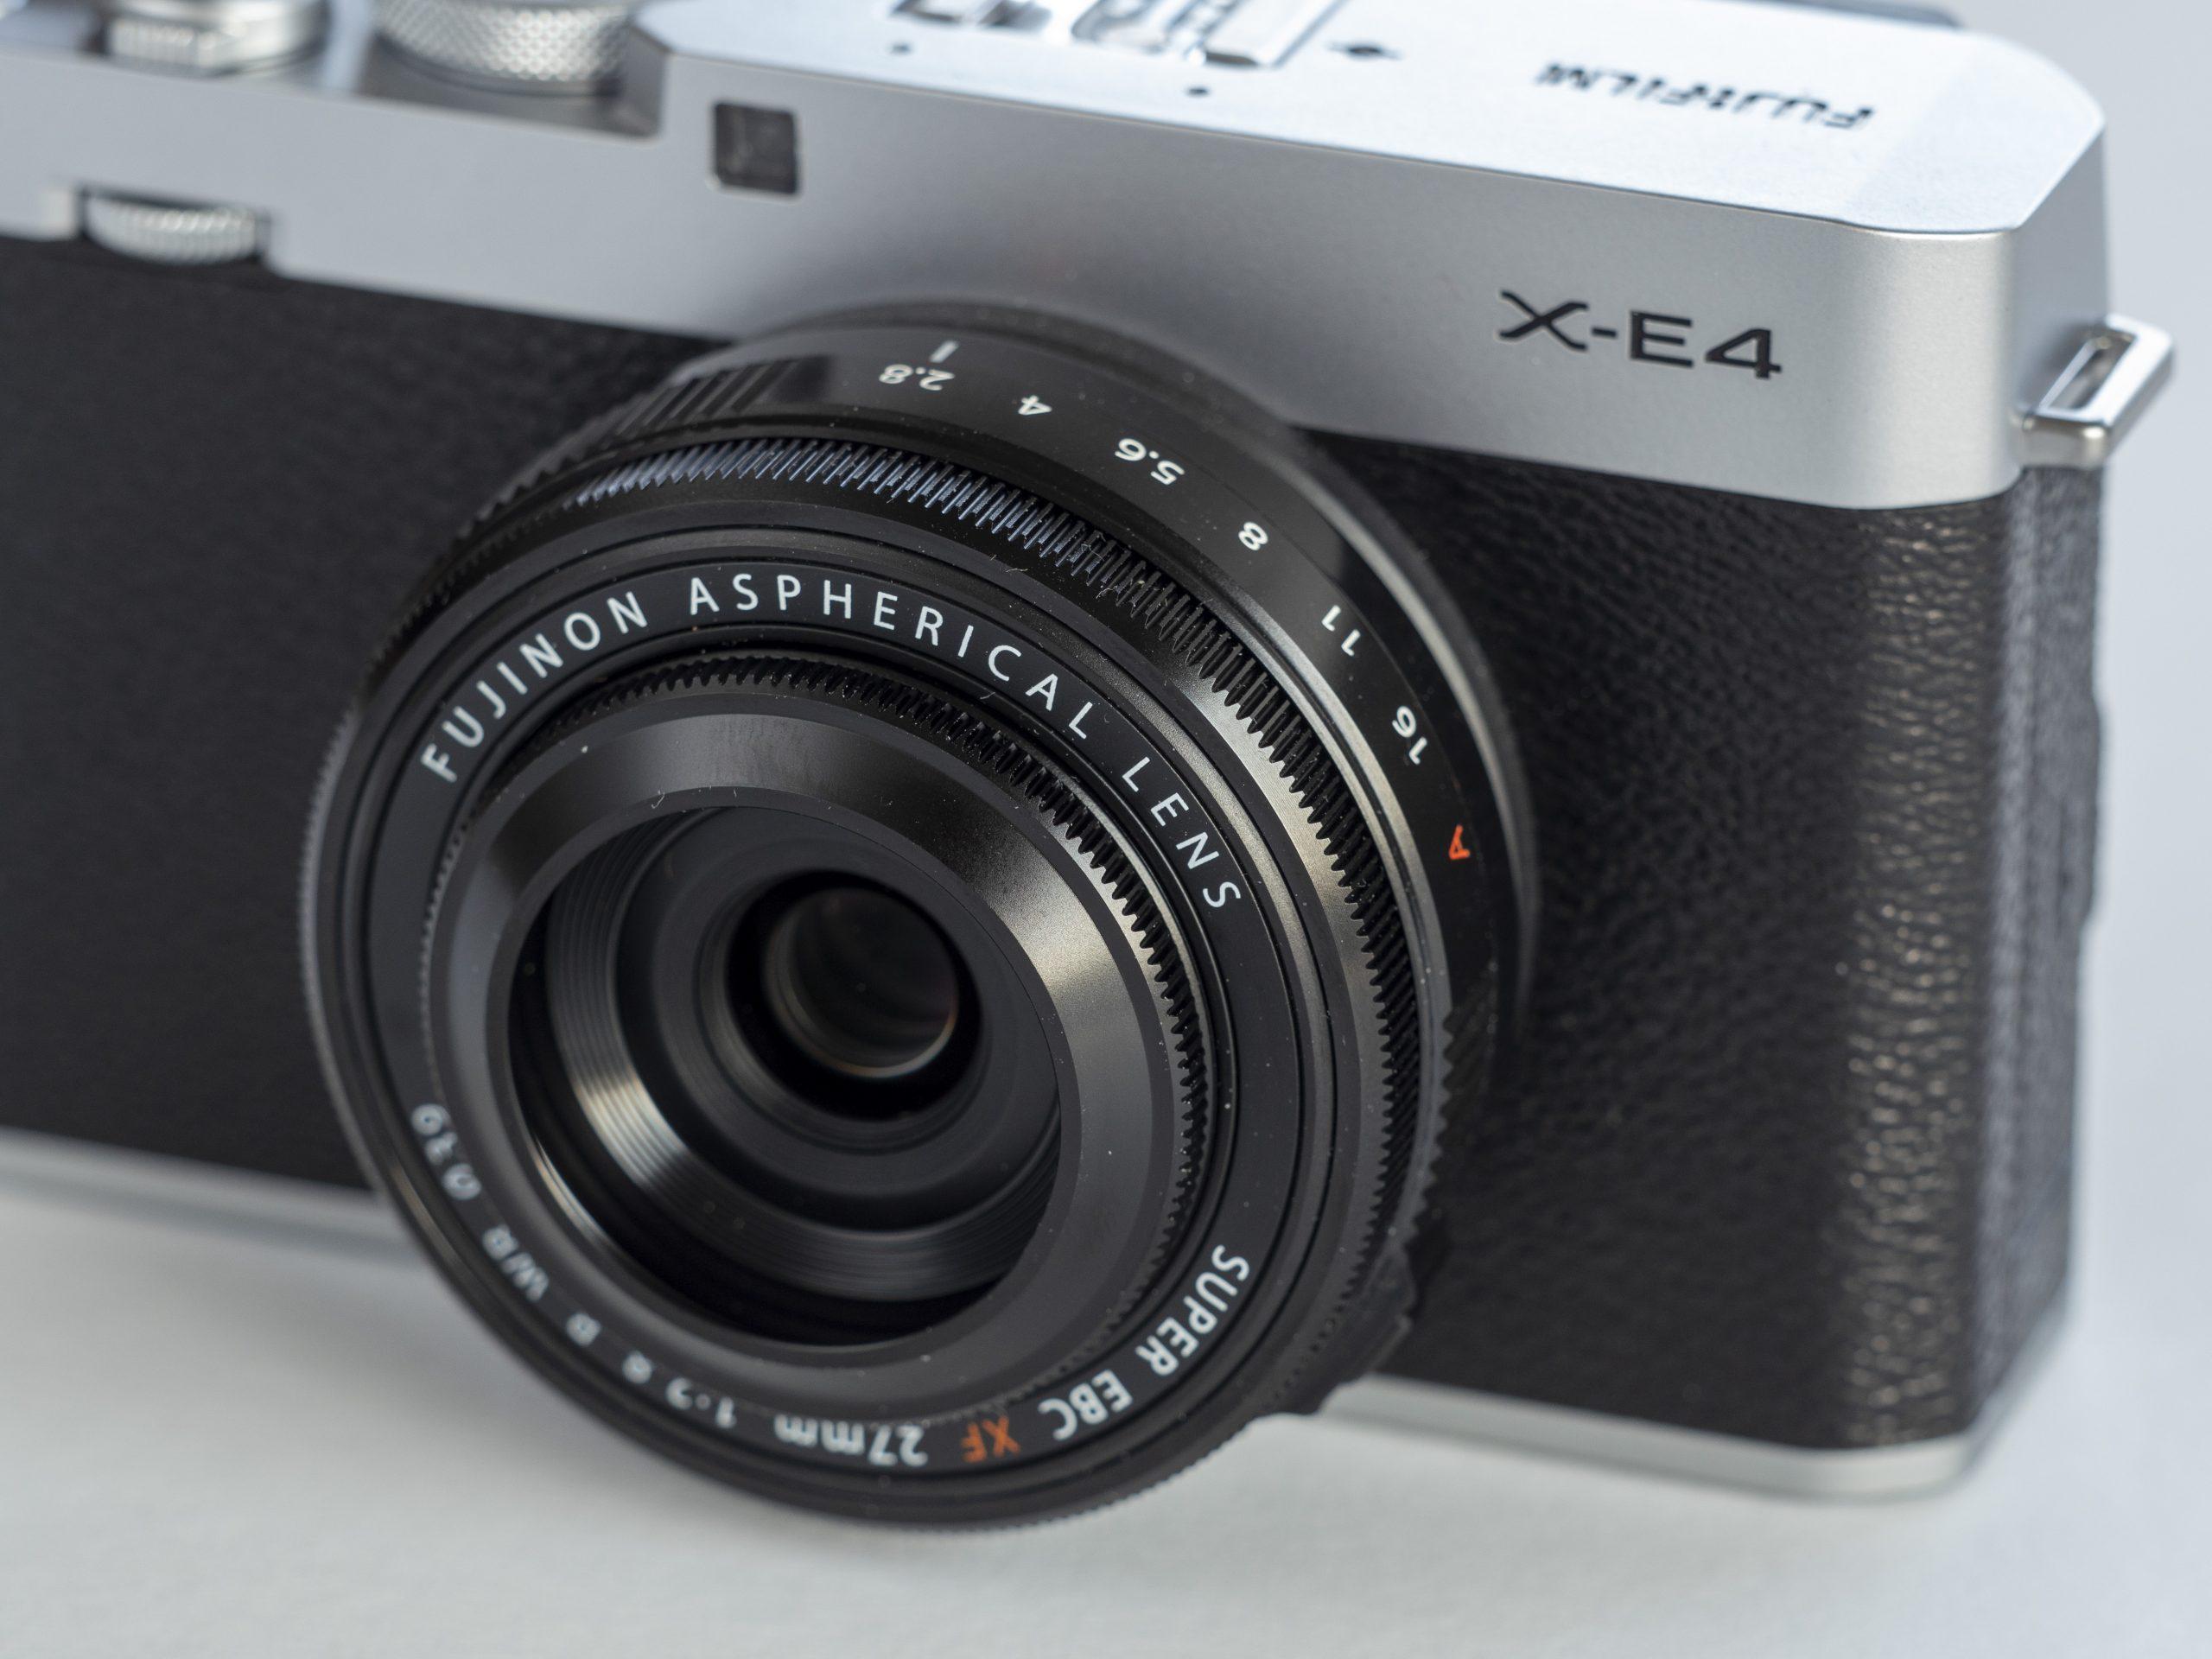 Fujifilm X-E4 front